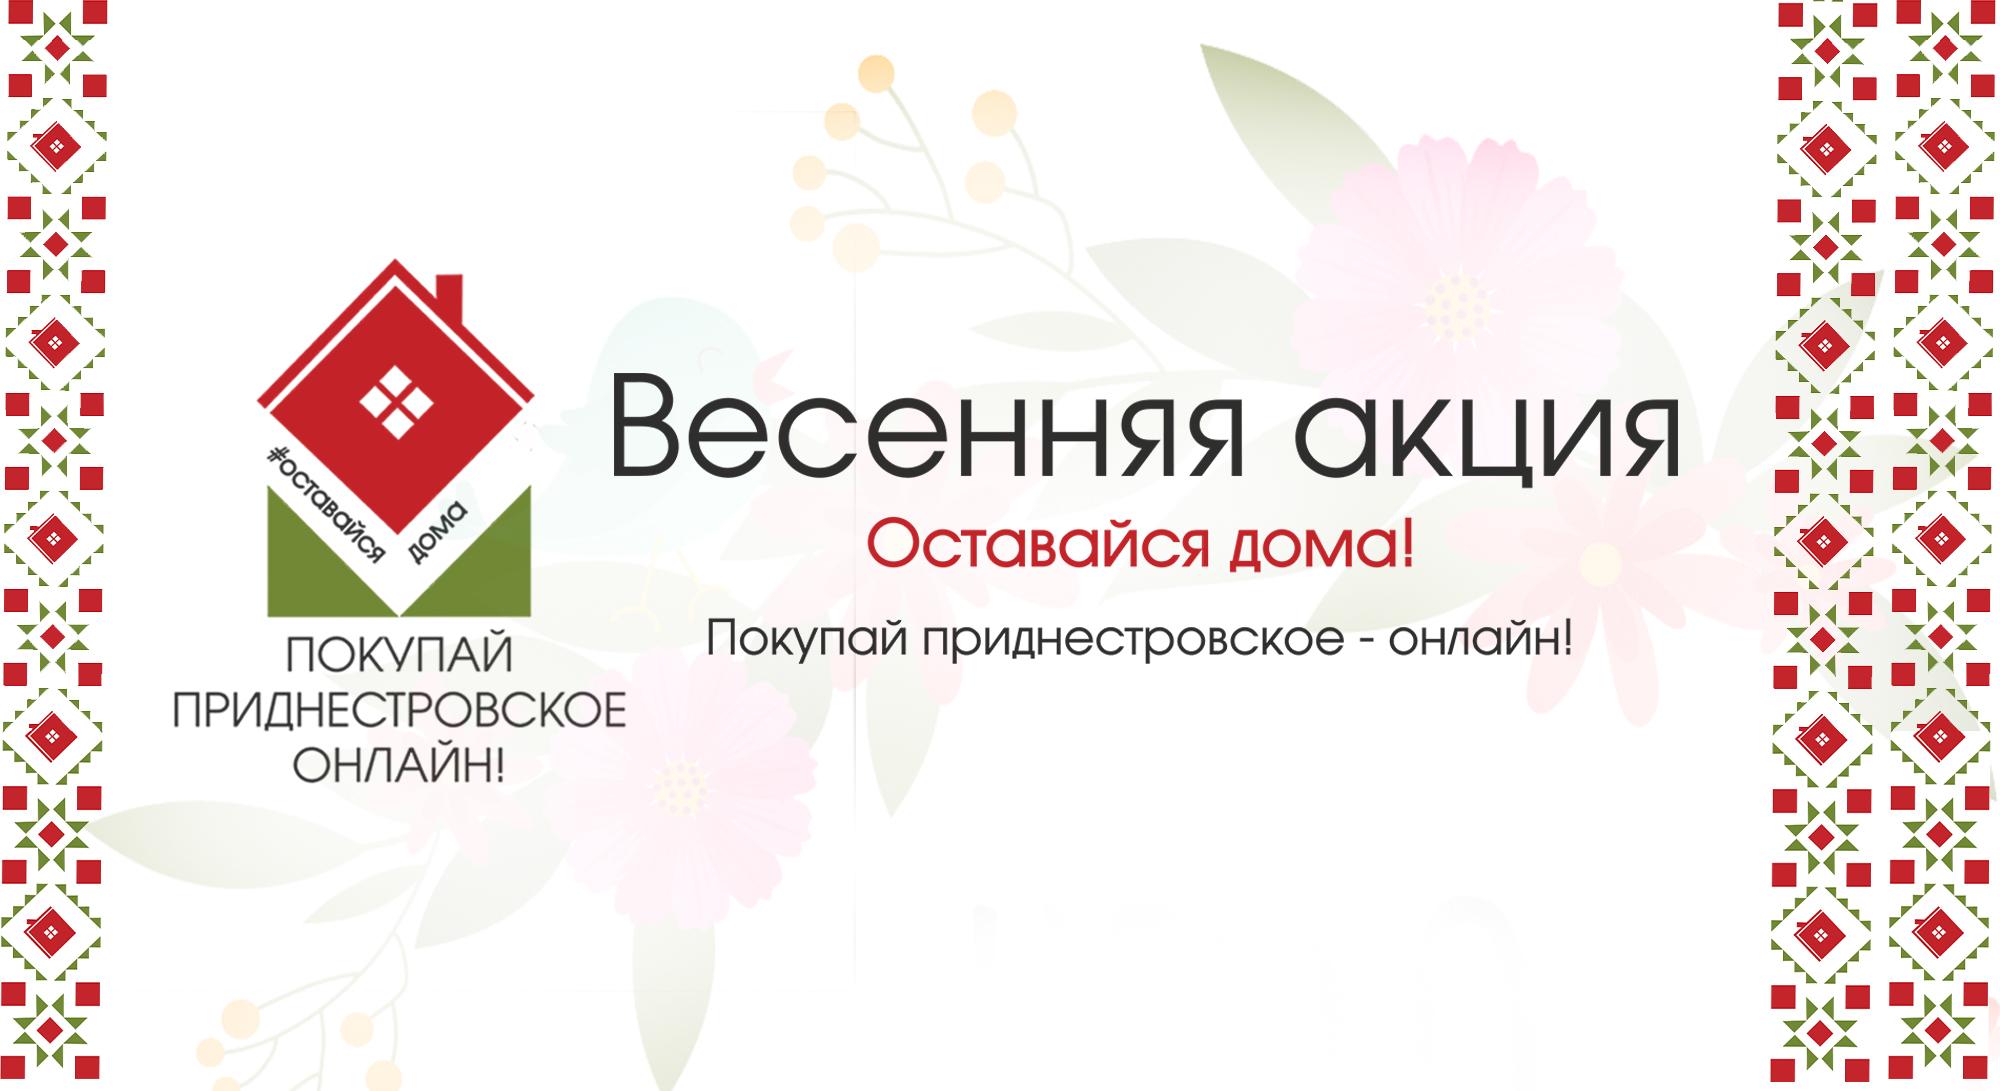 Покупай приднестровское - онлайн!